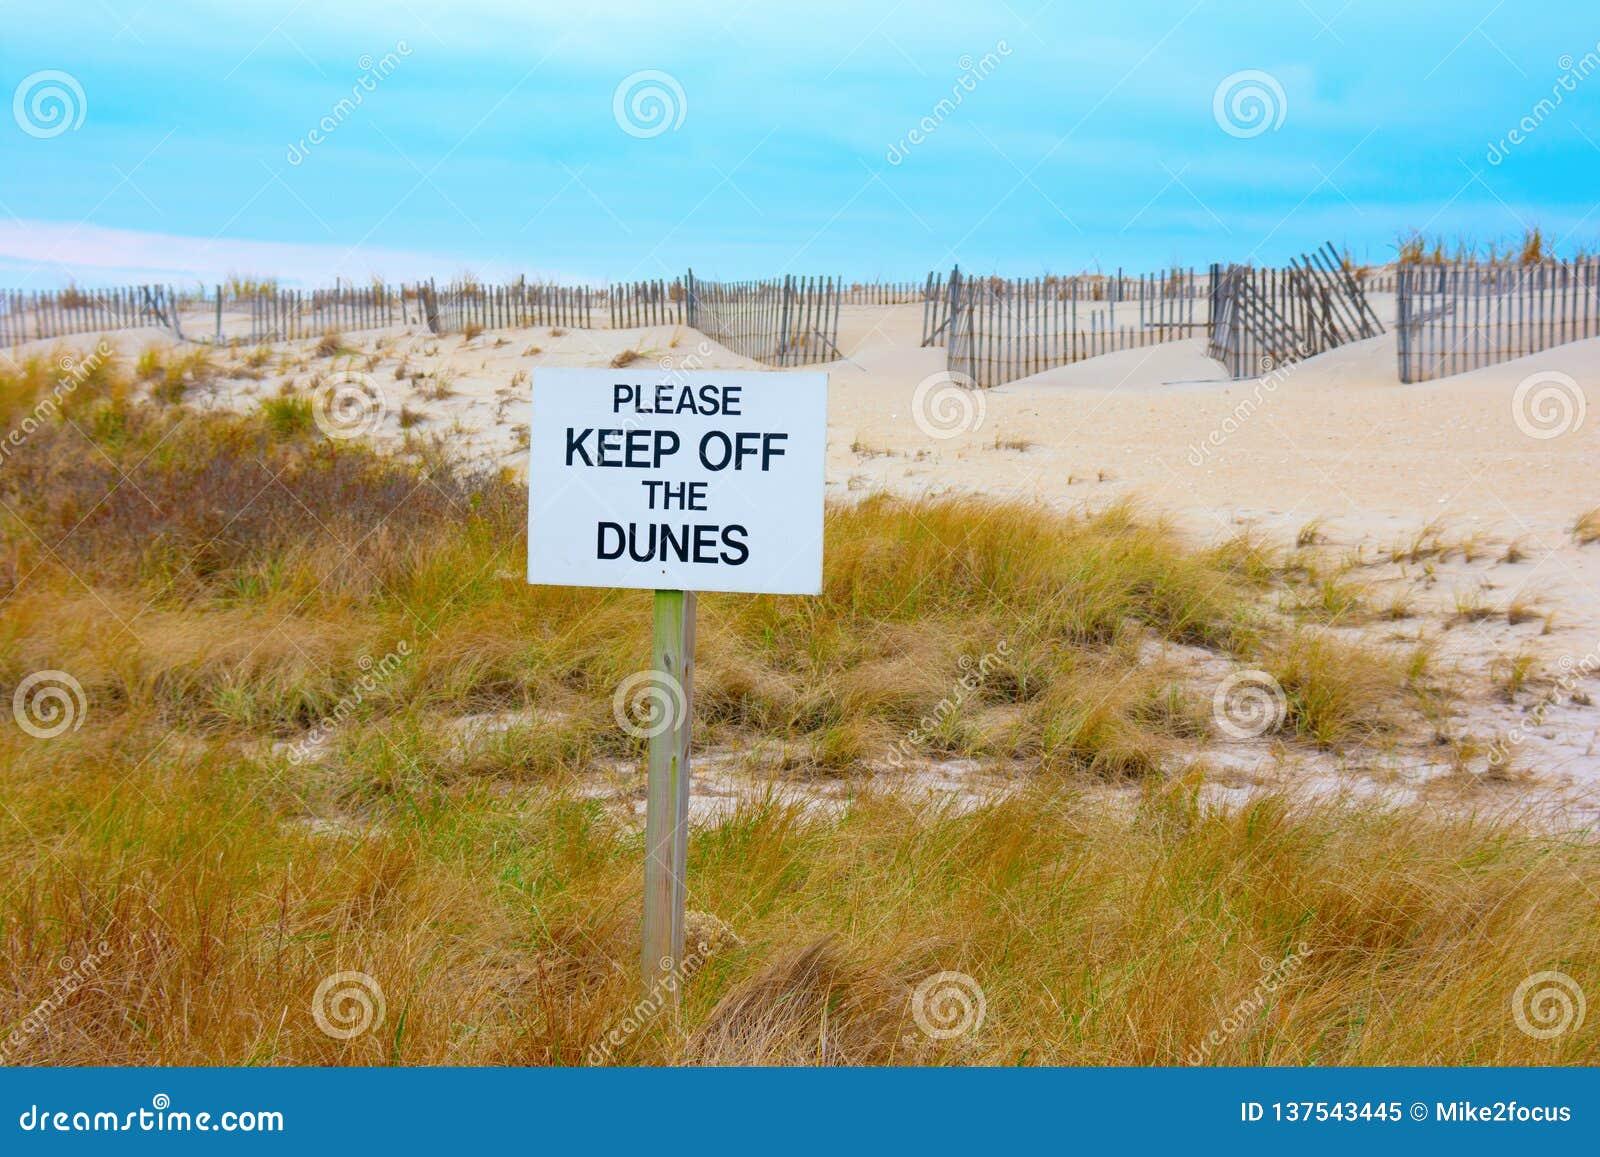 EVITE POR FAVOR LAS DUNAS firman con las dunas hermosas y el fondo del cielo azul